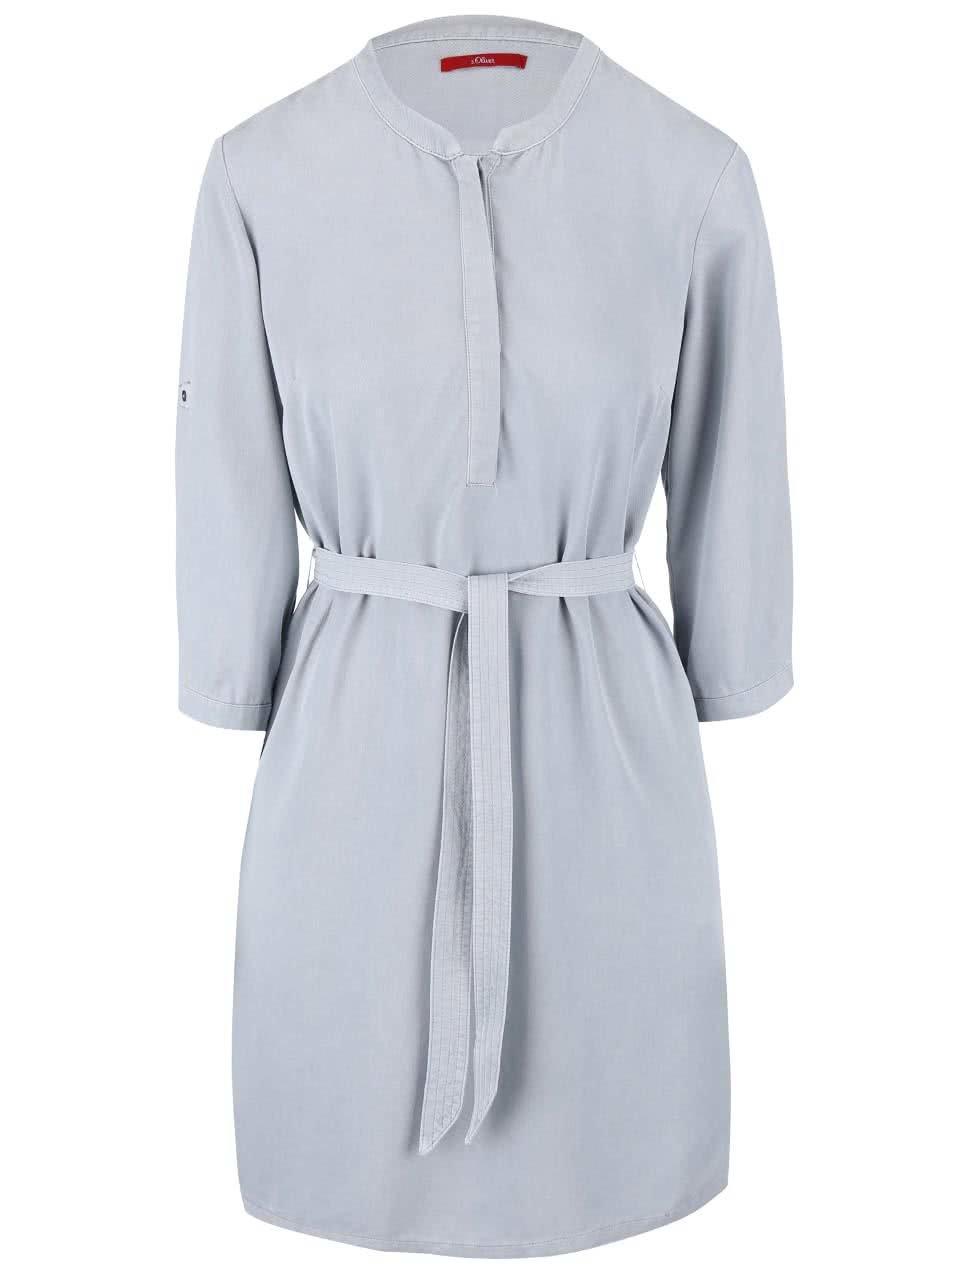 Modrošedé šaty s páskem s.Oliver